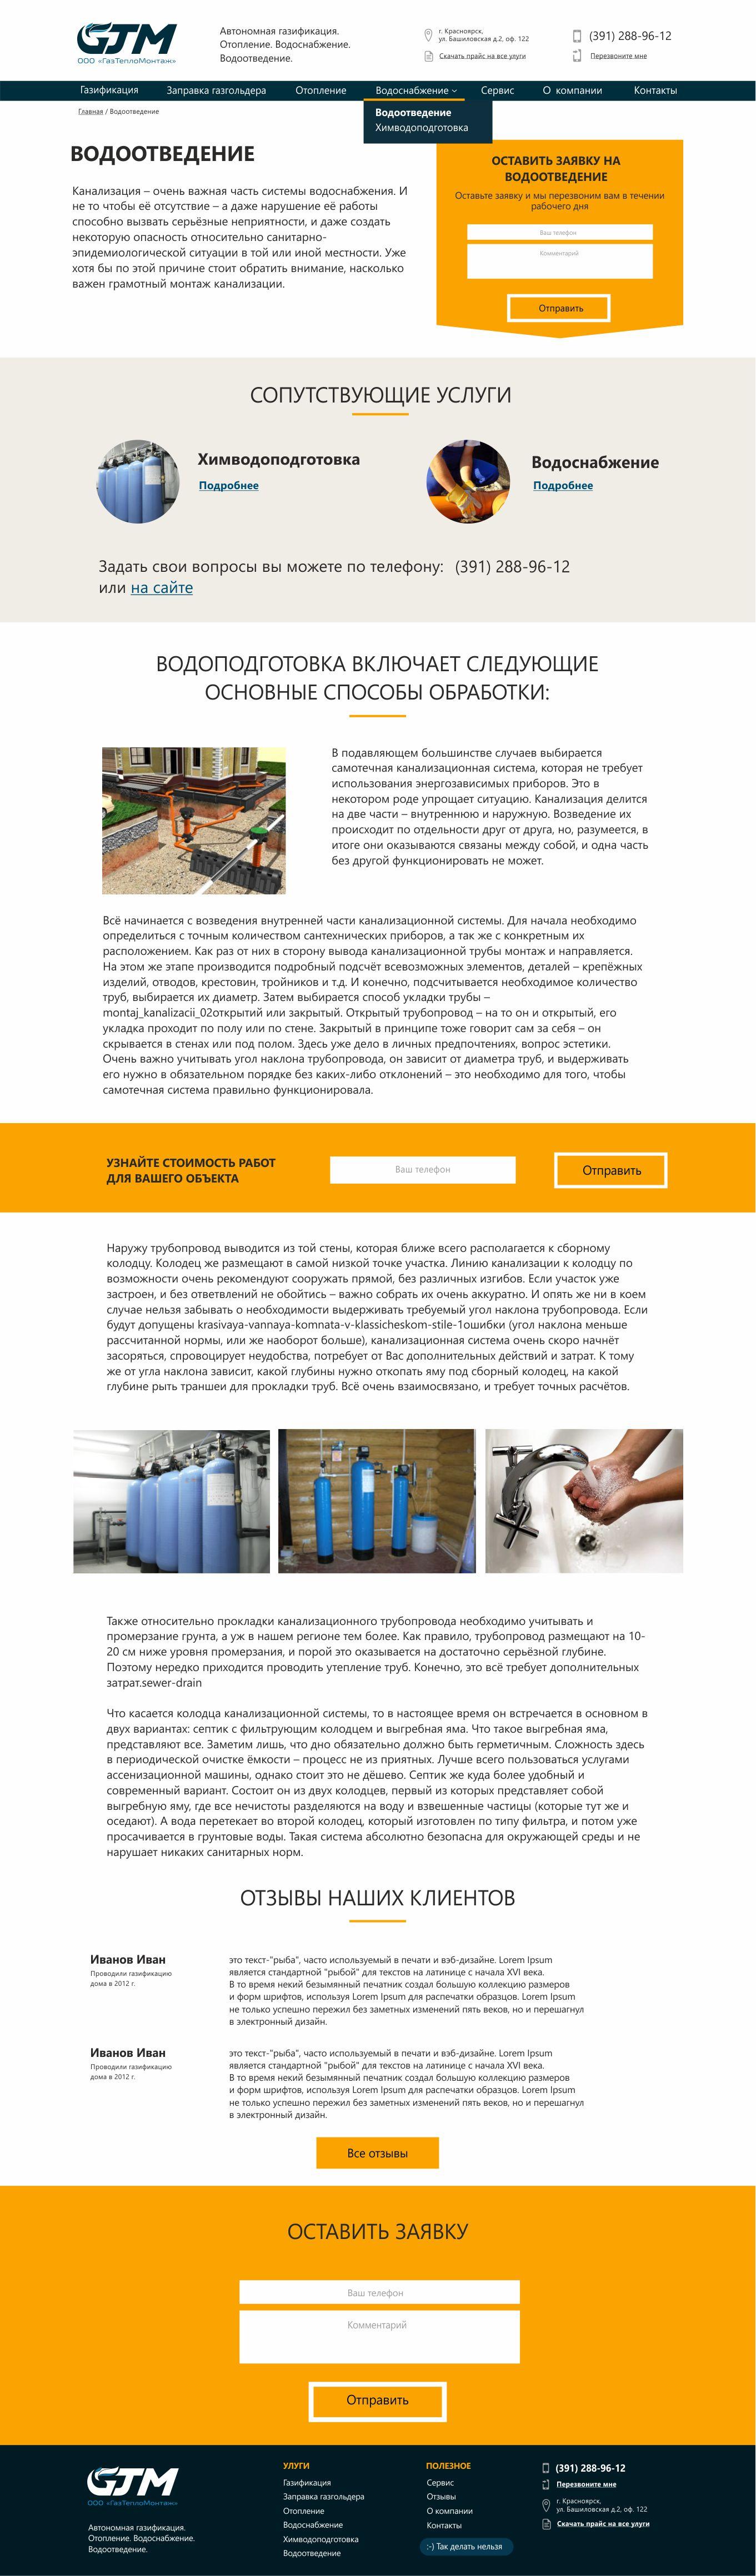 Создание сайта для фриланса дизайнеры фриланс